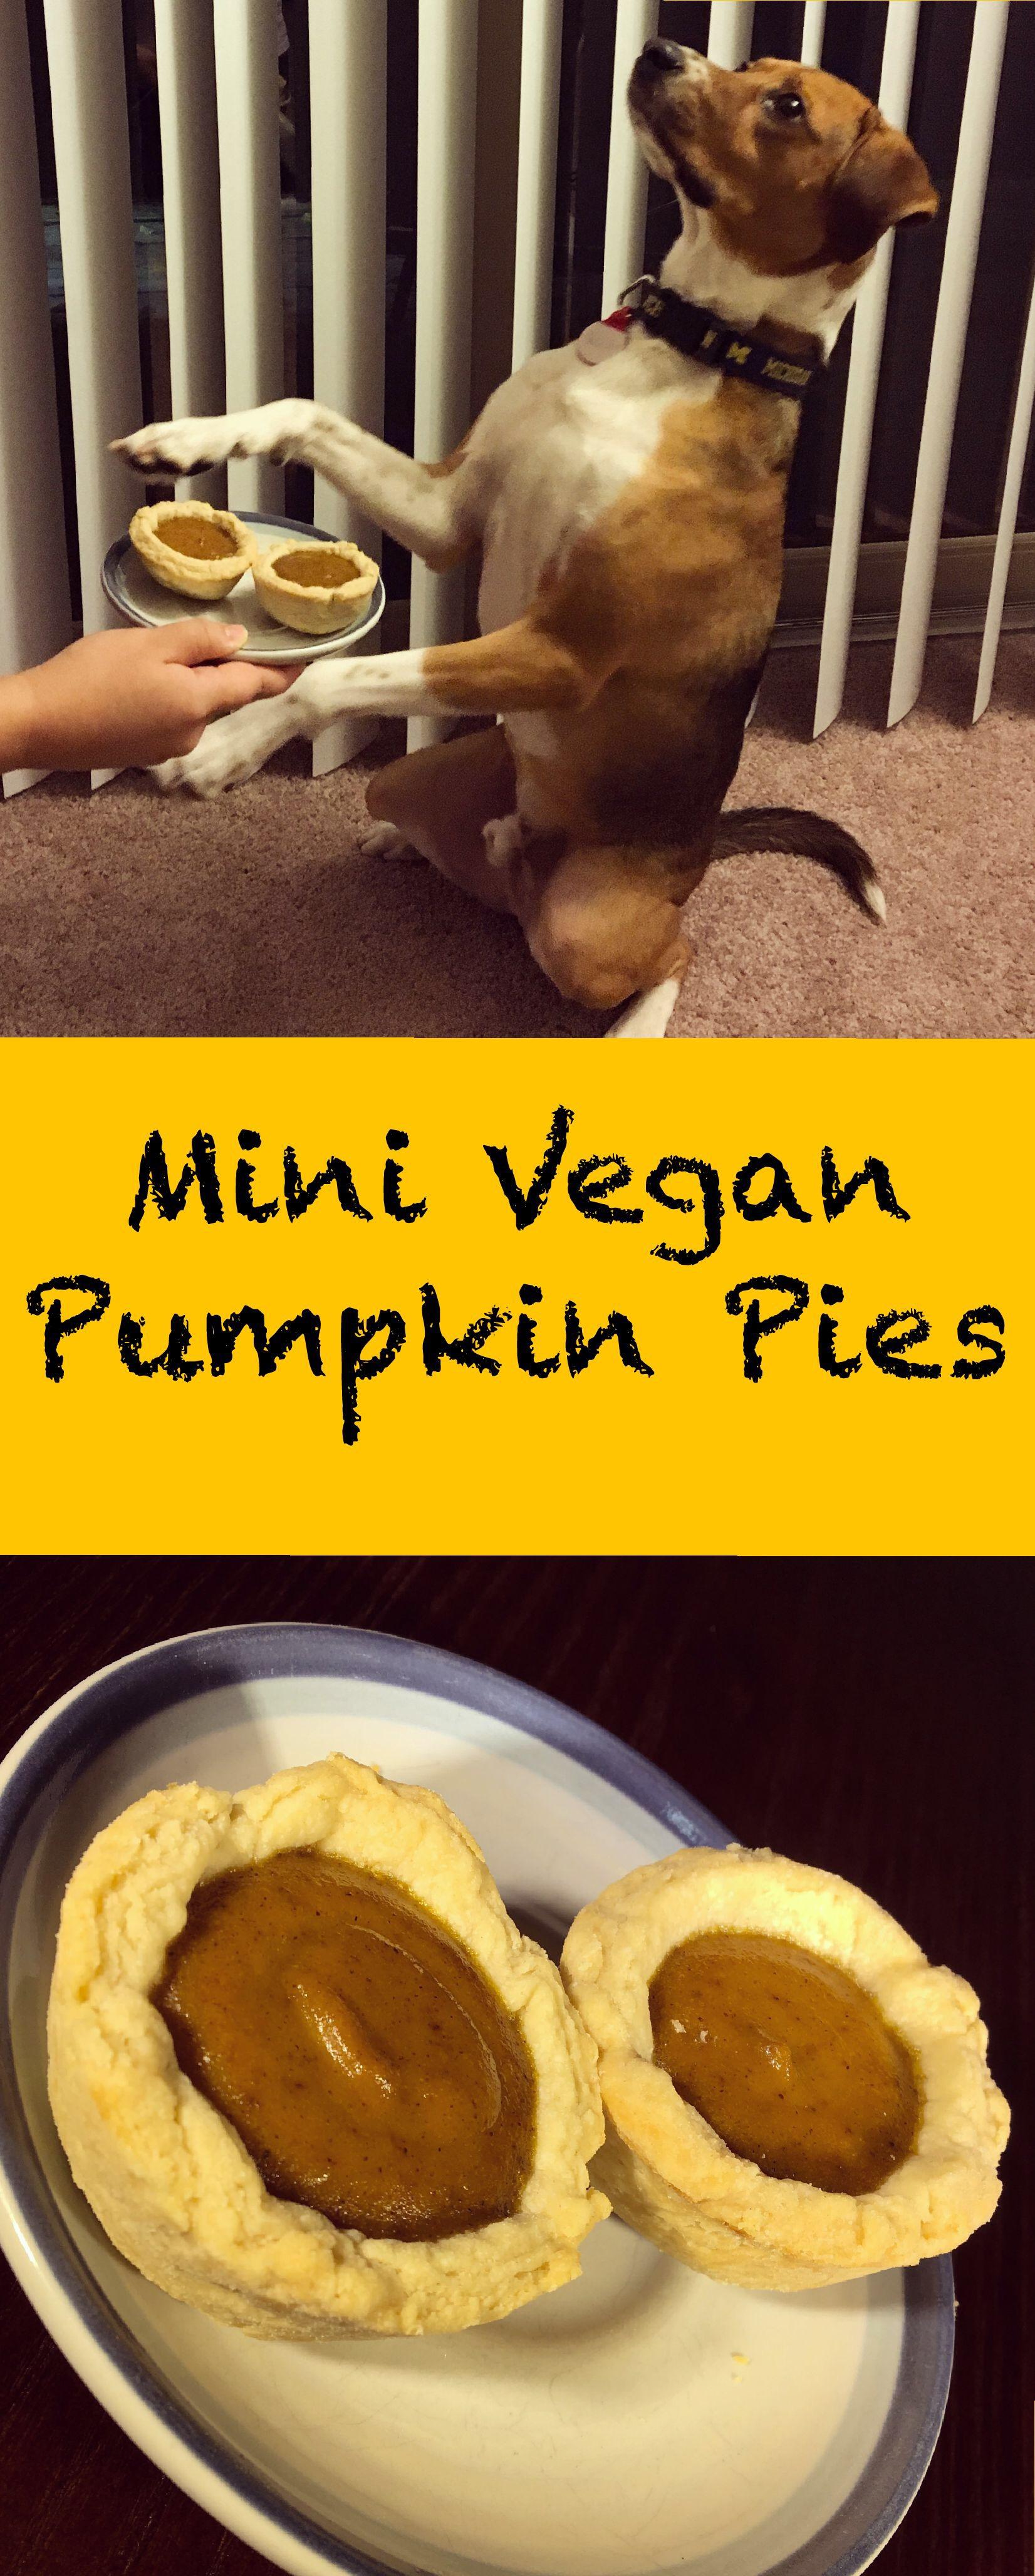 pin for mini vegan pumpkin pies